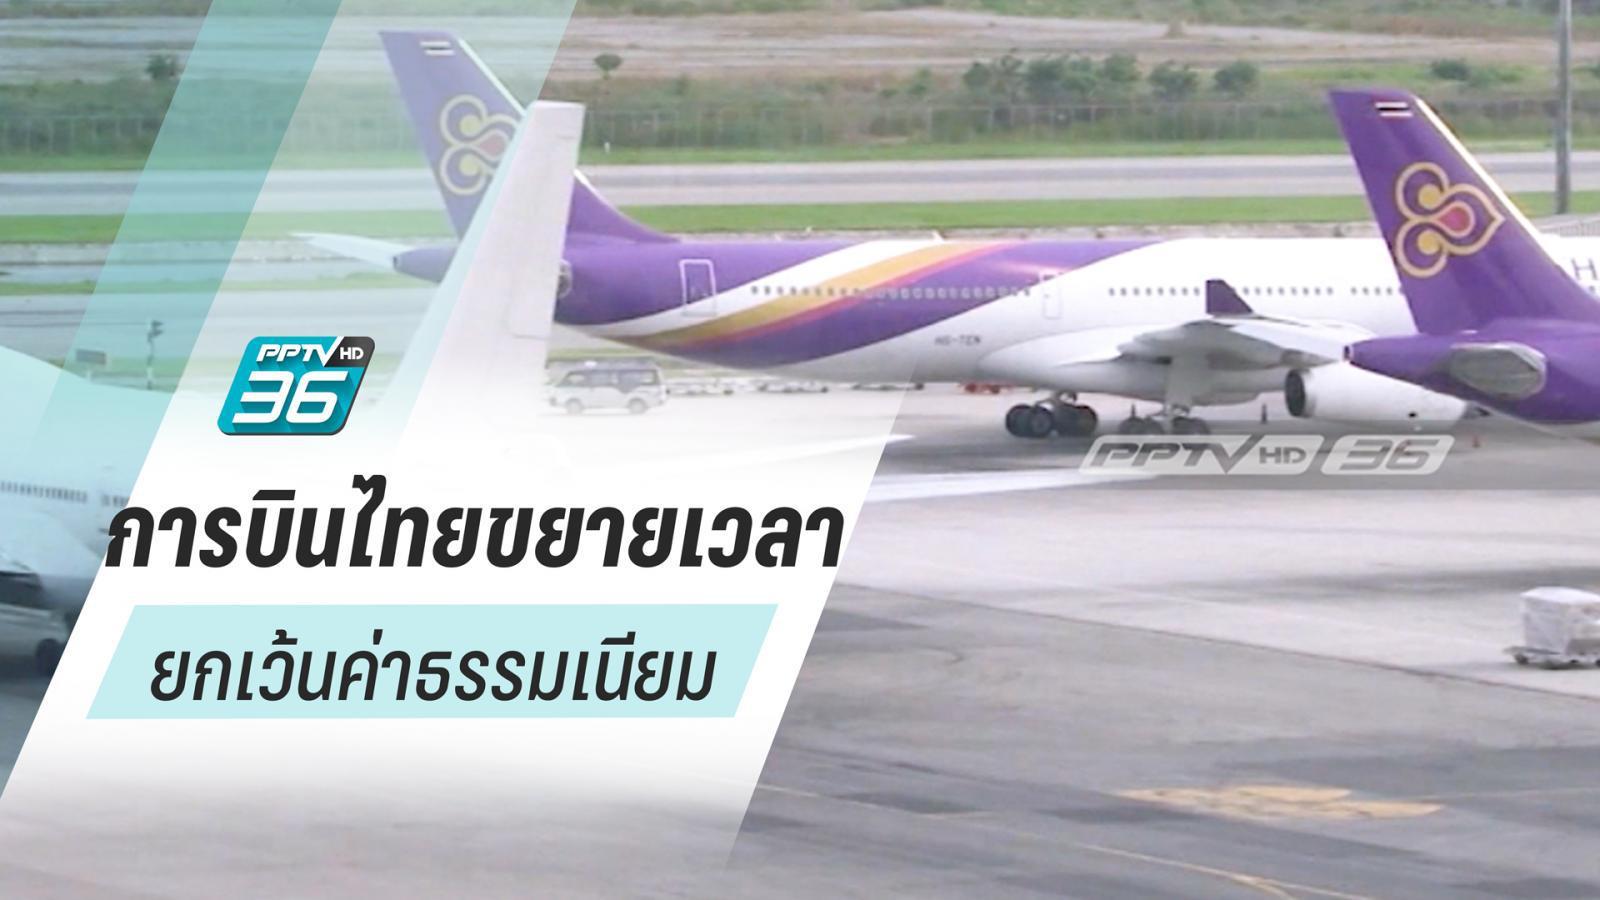 การบินไทยขยายเวลายกเว้นค่าธรรมเนียมการเปลี่ยนแปลงเที่ยวบินเพิ่มเติม